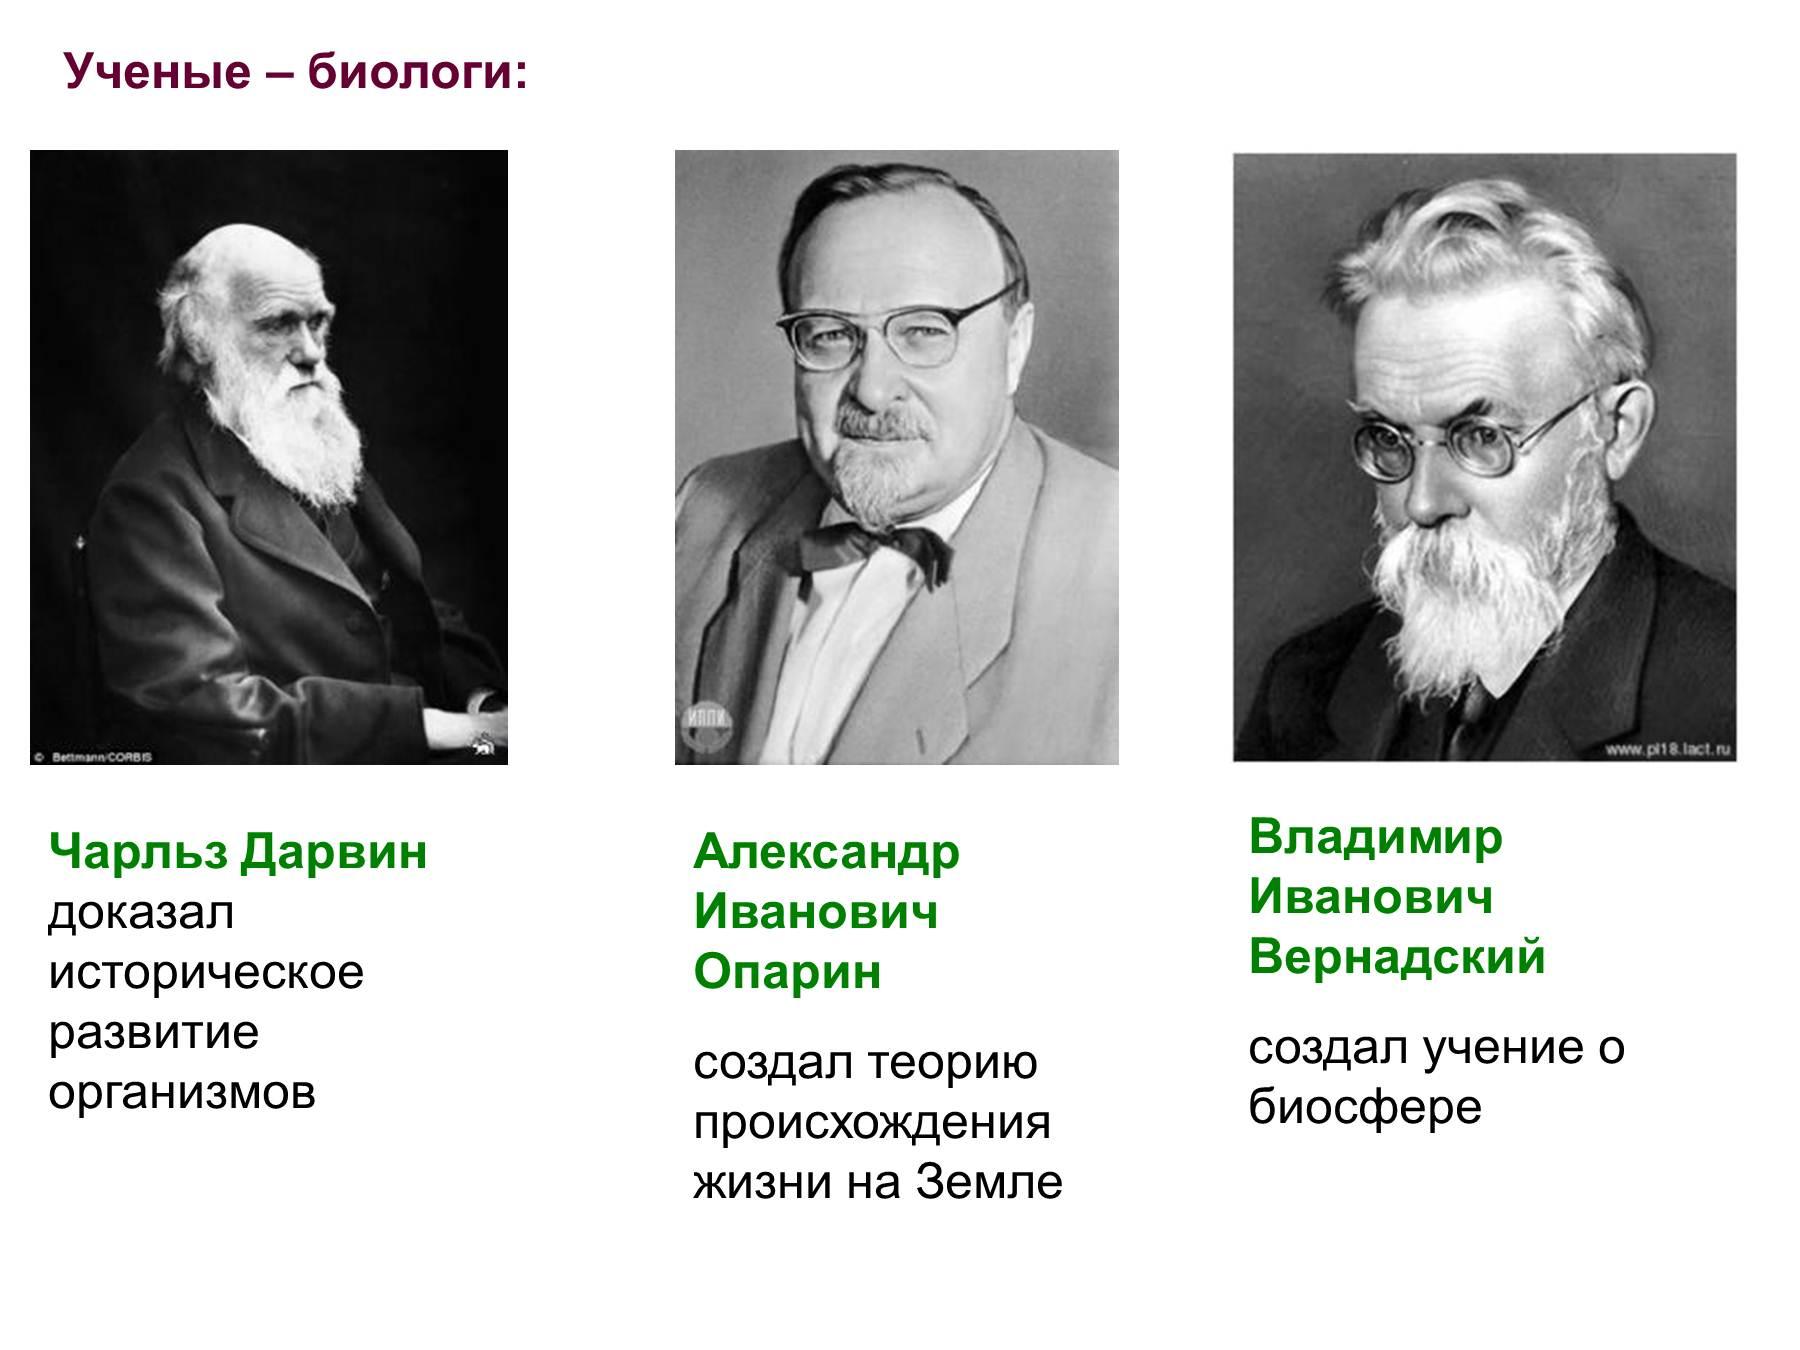 Ученые связанные с биологией